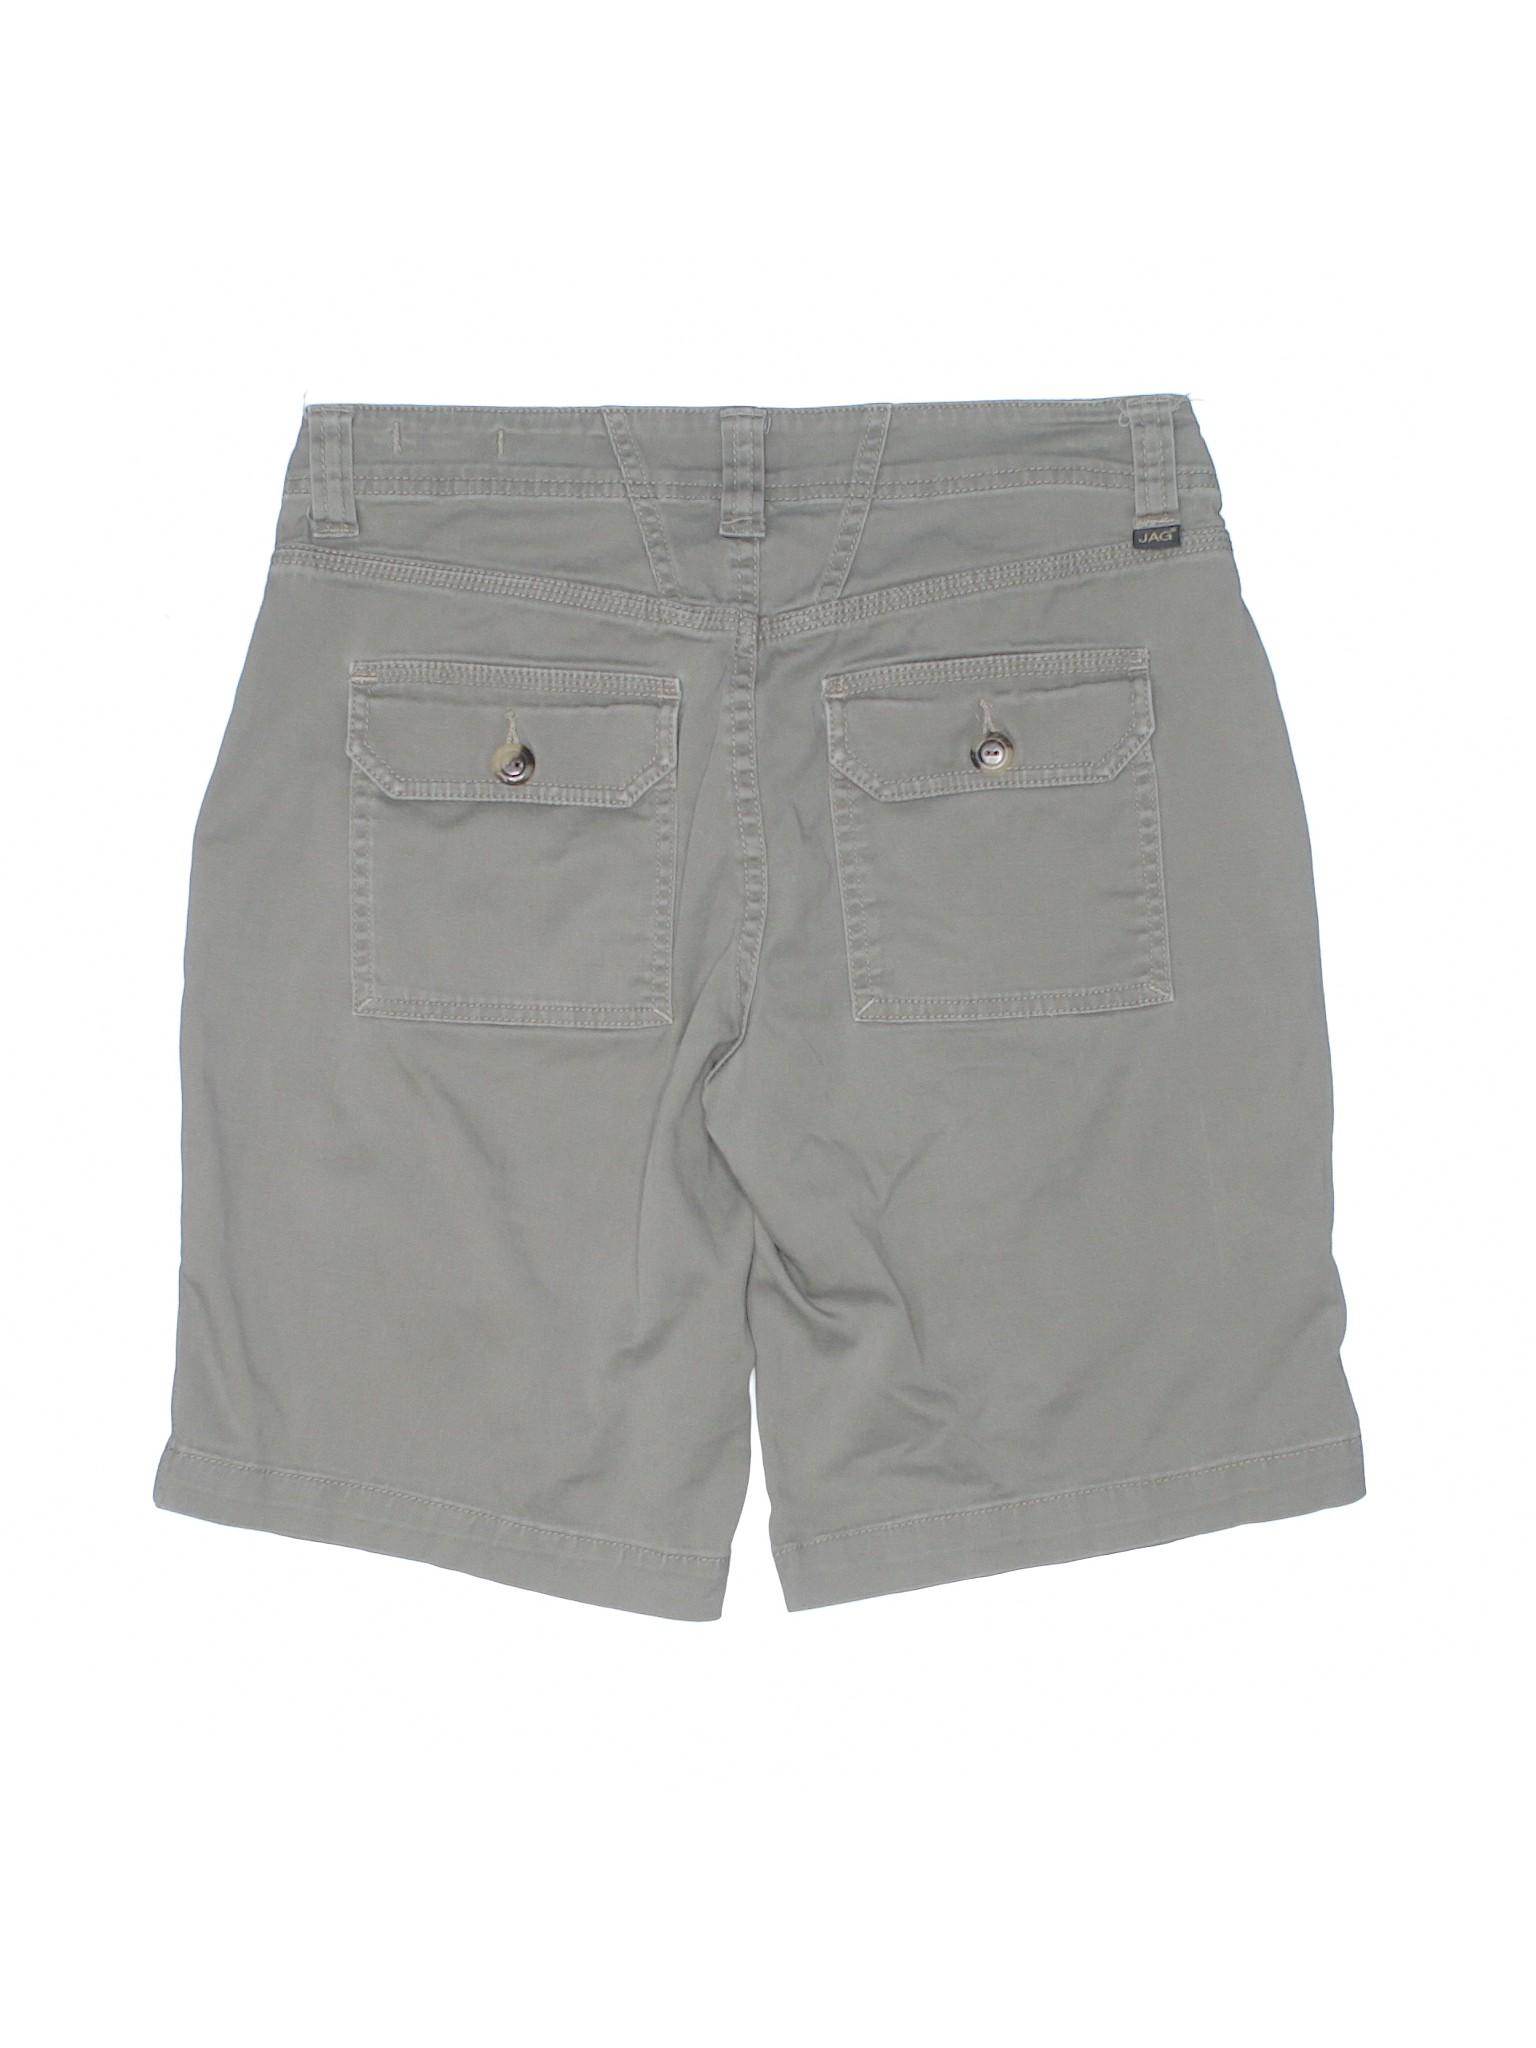 Khaki Boutique leisure Jag Shorts Boutique leisure 6Tnq1Ov